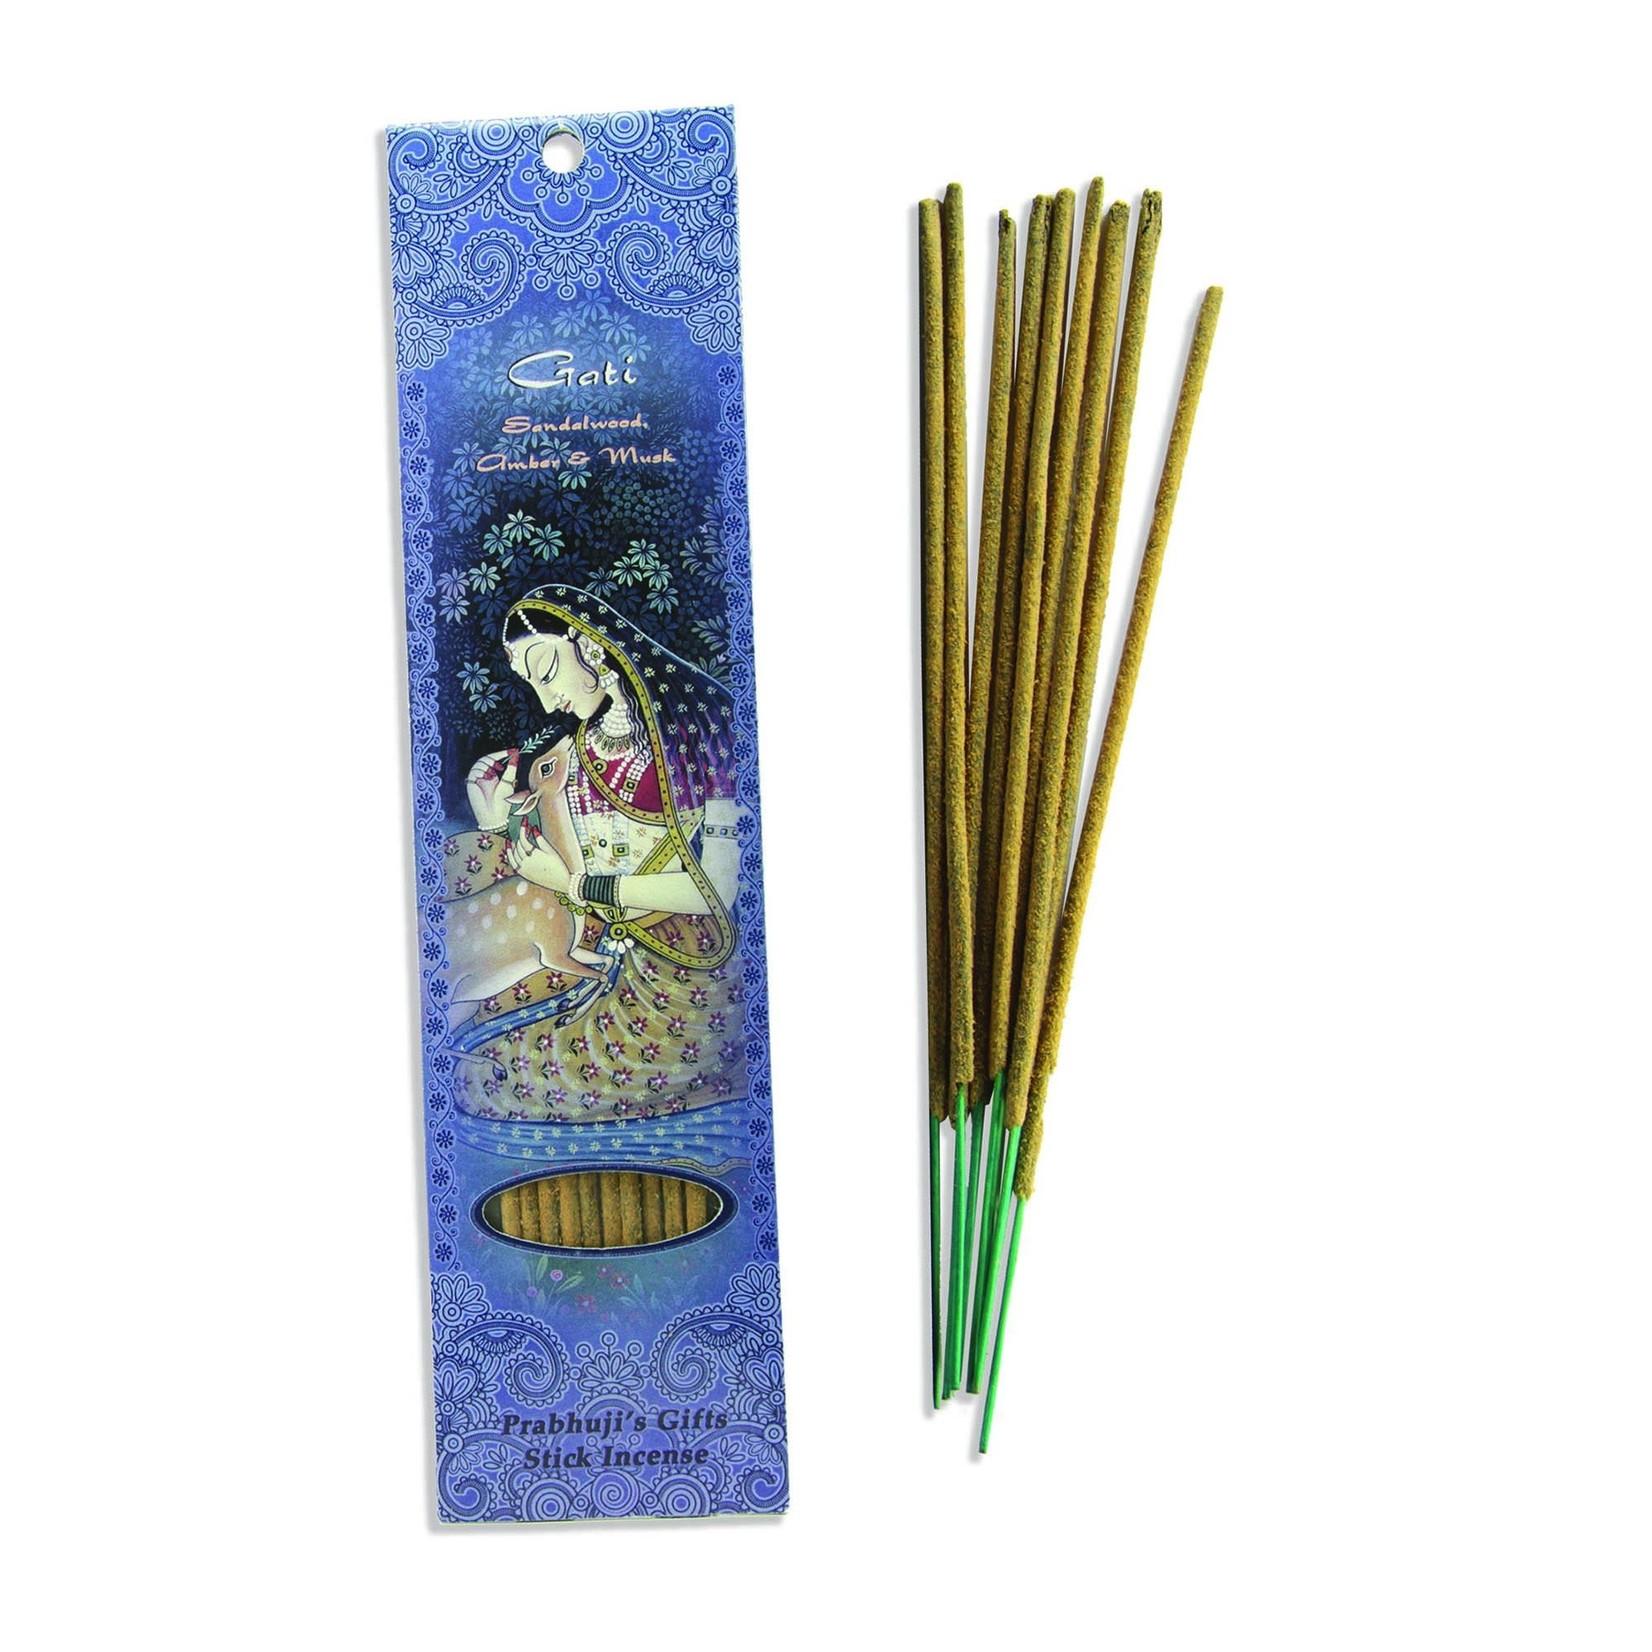 Prabhujis Gifts Gati - Sandalwood, Amber, Musk Incense sticks